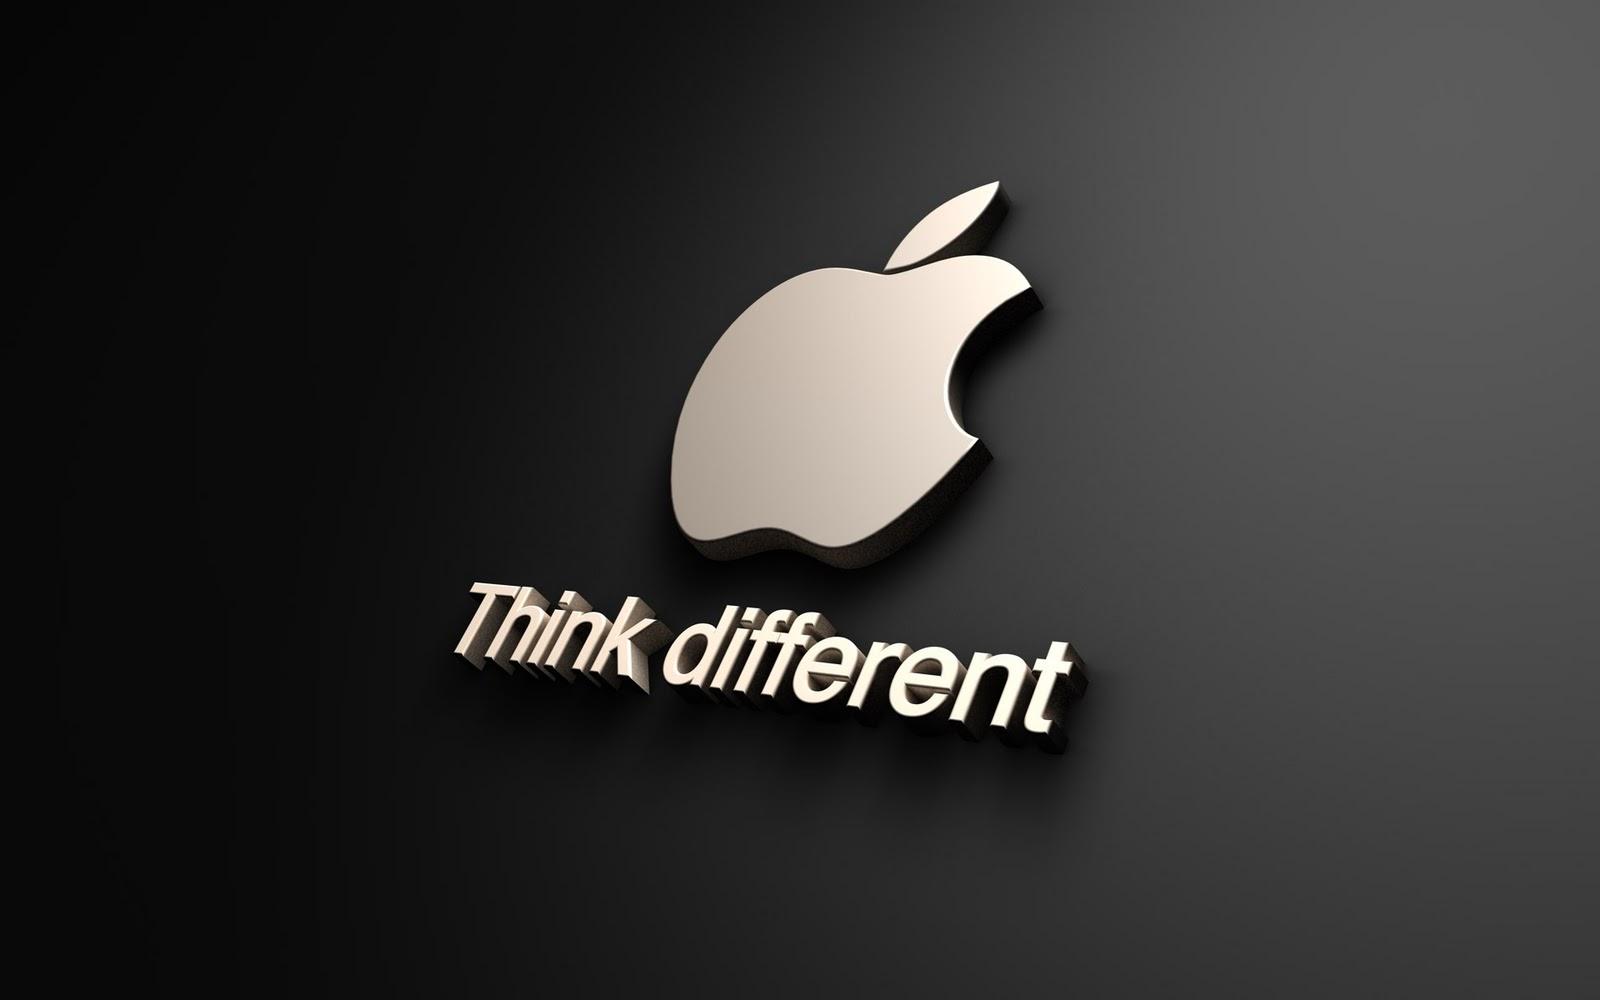 Apple sort une publicité spéciale Nouvel An Chinois